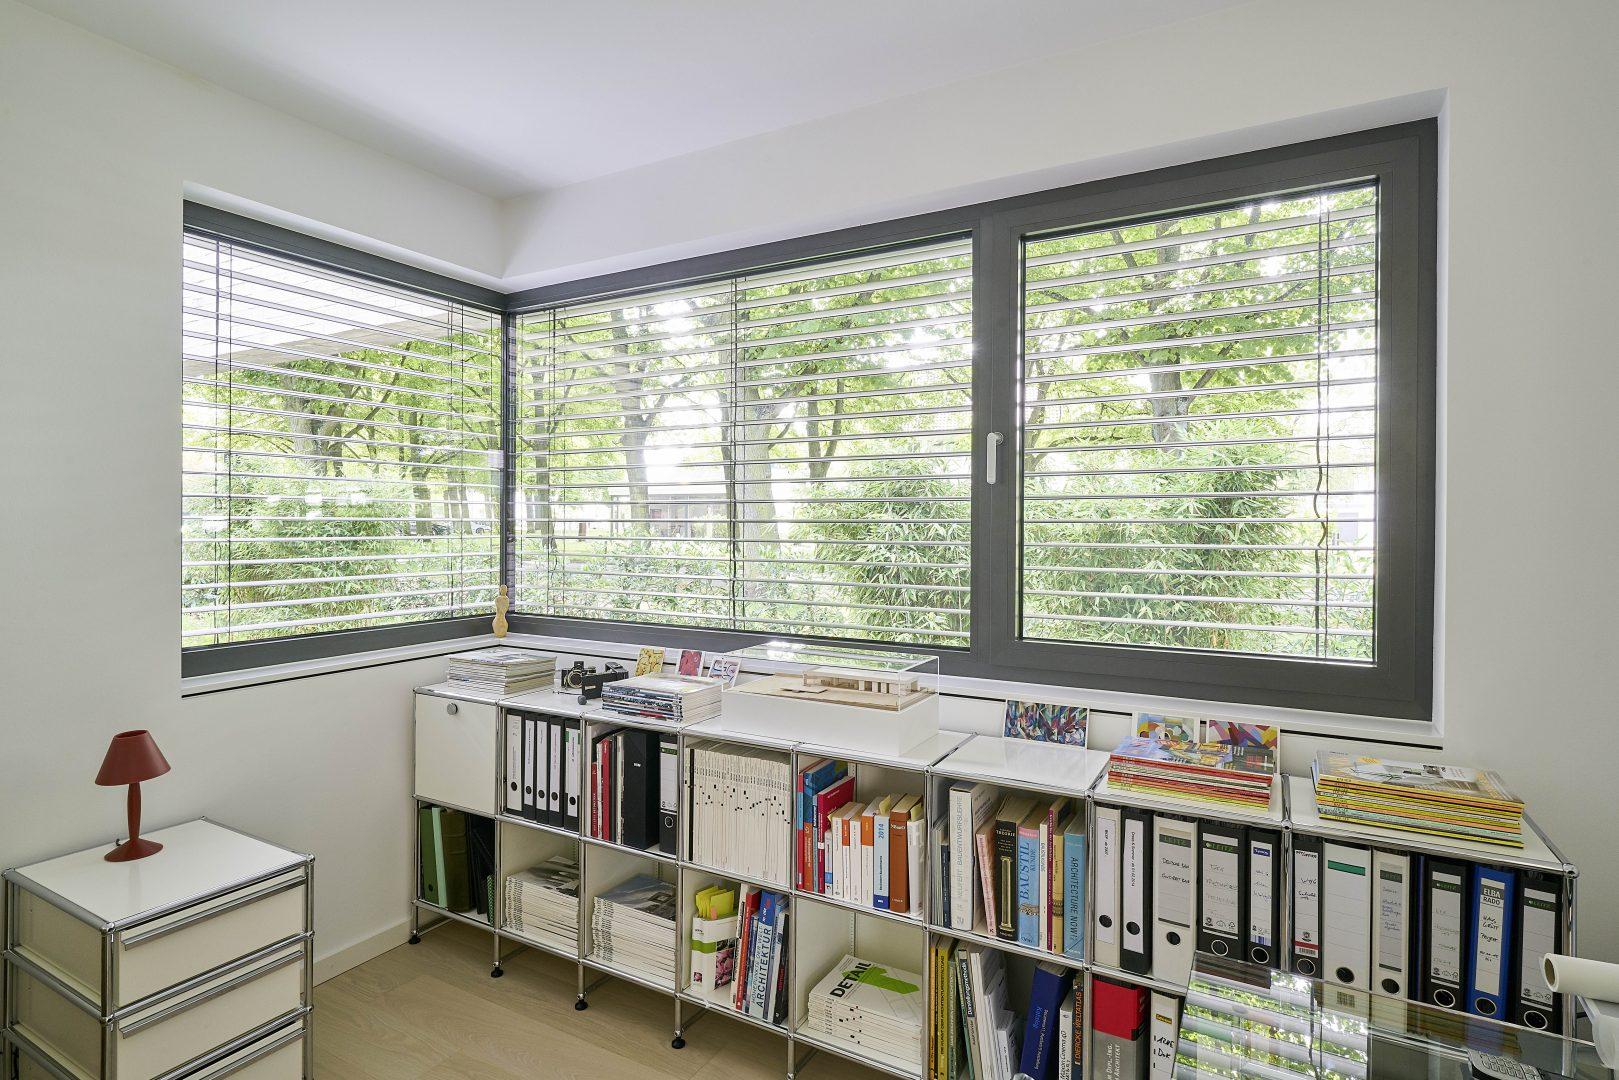 wohnen mit atrium neubau eines wohnhauses architekt fluegge beratung planung. Black Bedroom Furniture Sets. Home Design Ideas